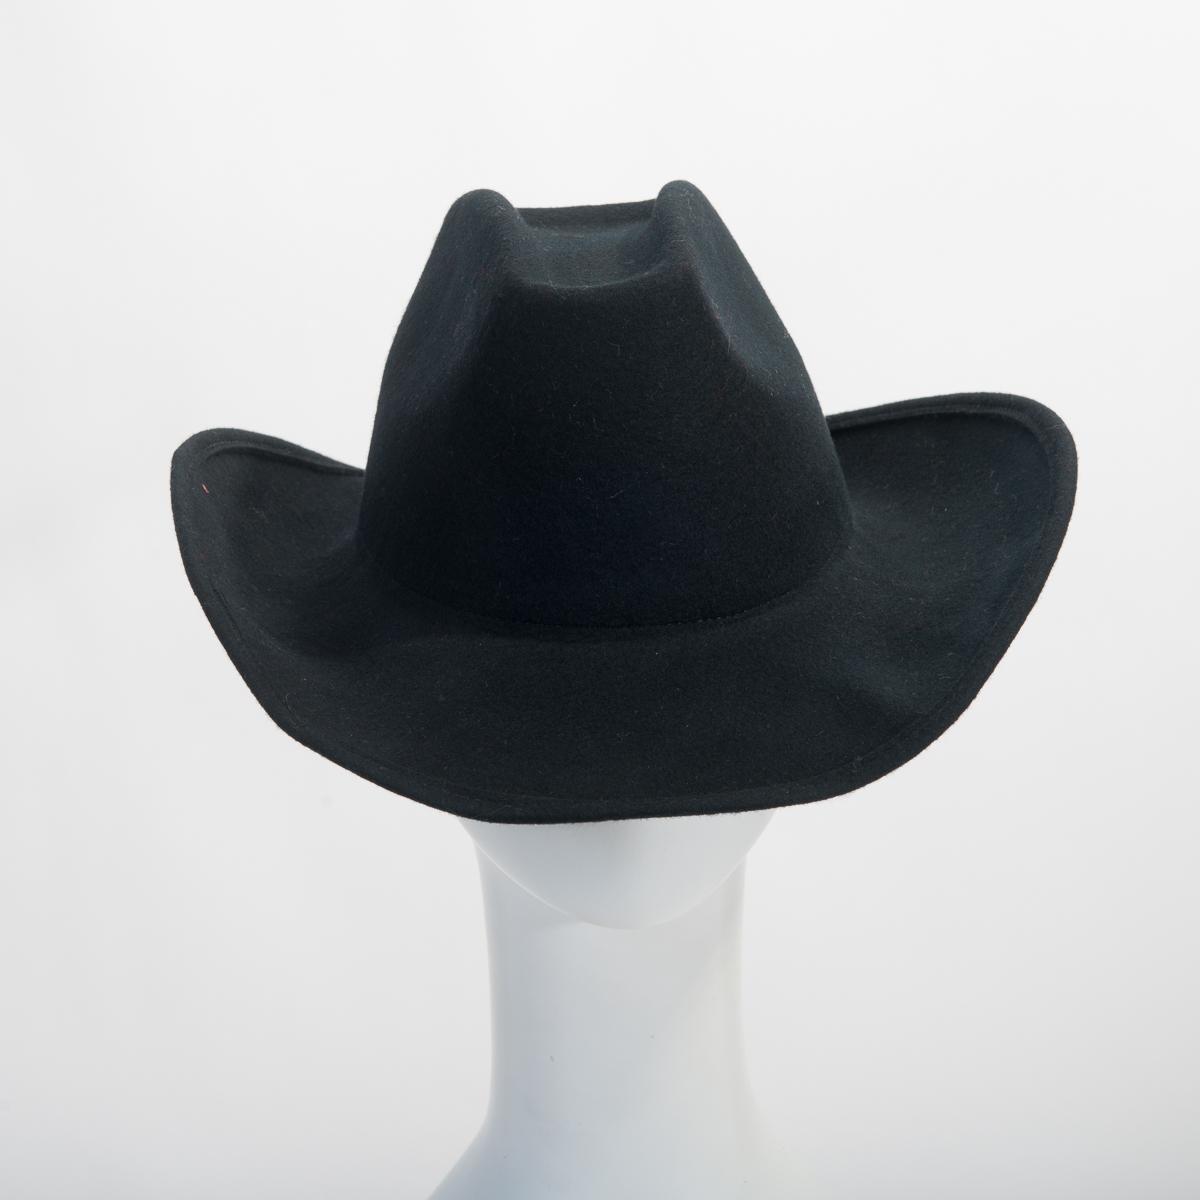 Black Cattleman Cowboy Wool Felt Plain Hats-W0222-BLACK- Sun Yorkos ... 6479f9d56d4